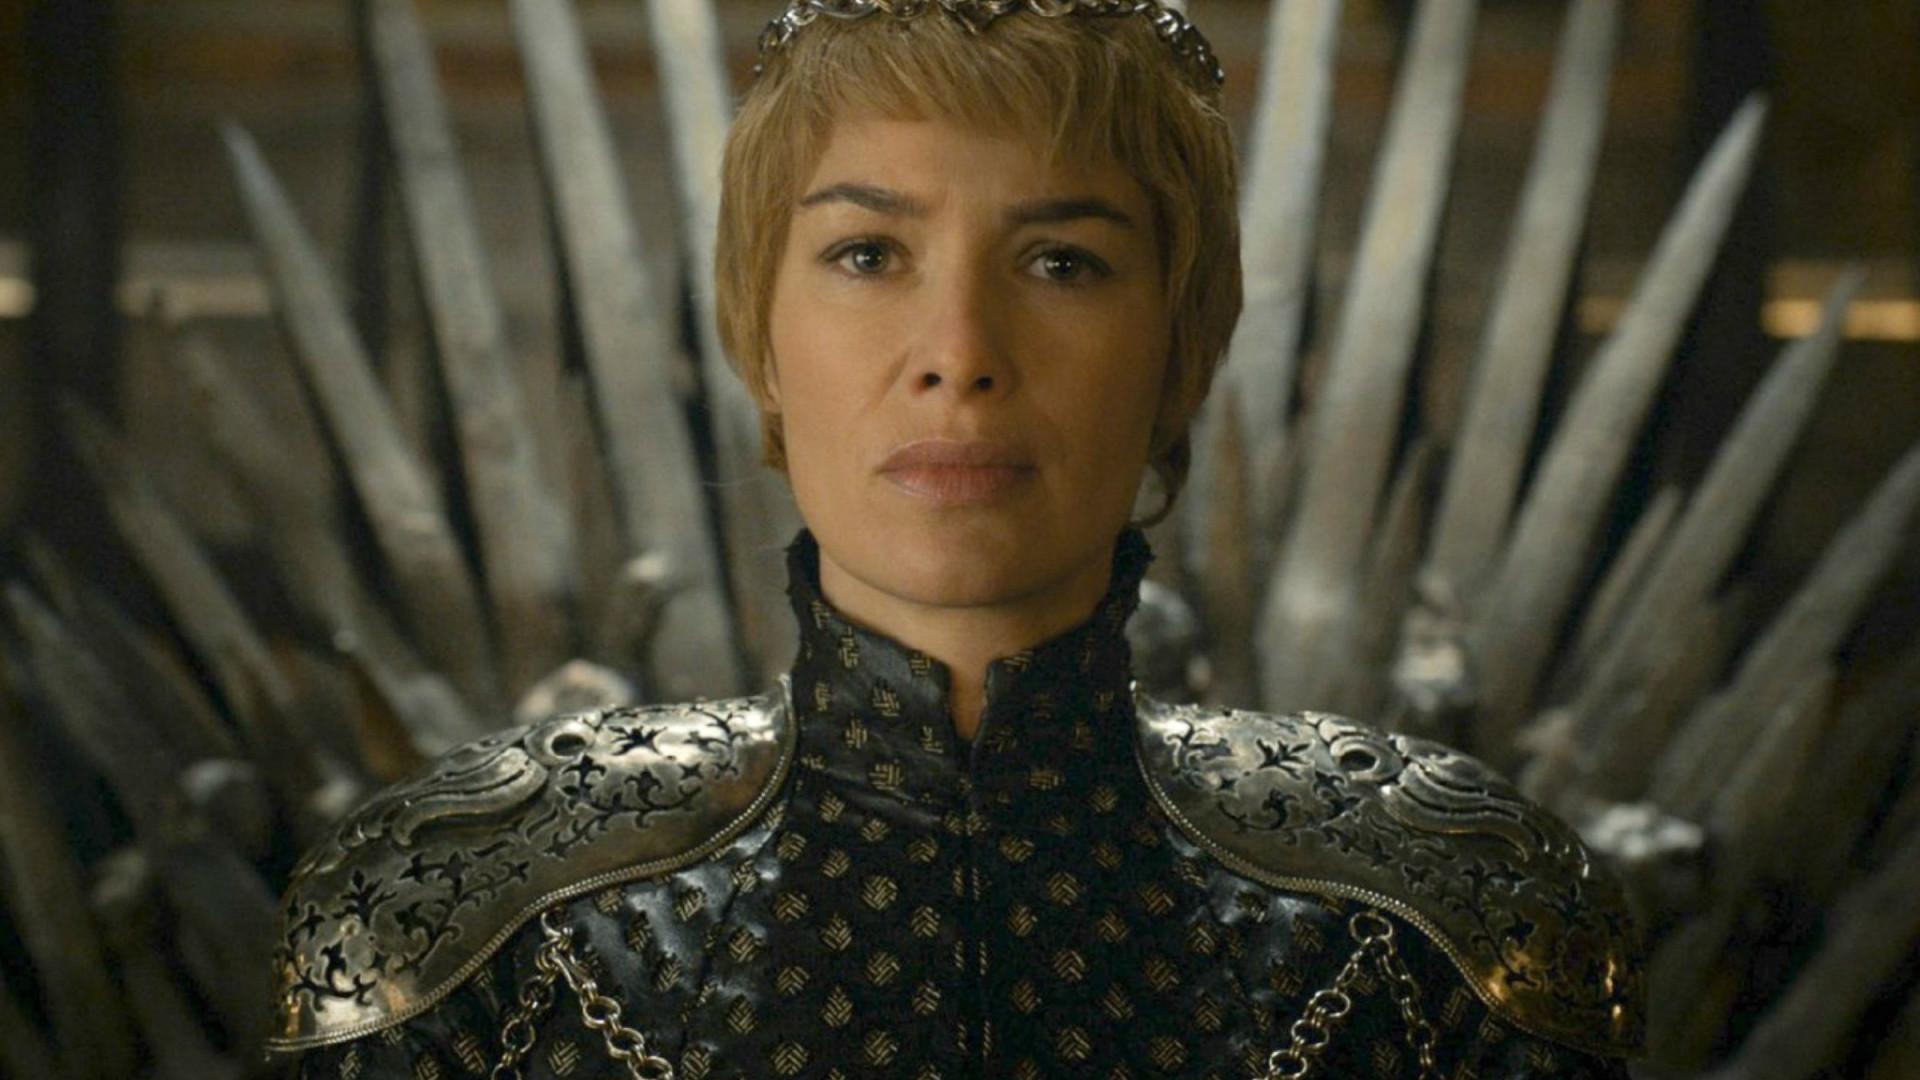 Veja as mudanças do elenco de 'Game of Thrones' desde o início da série